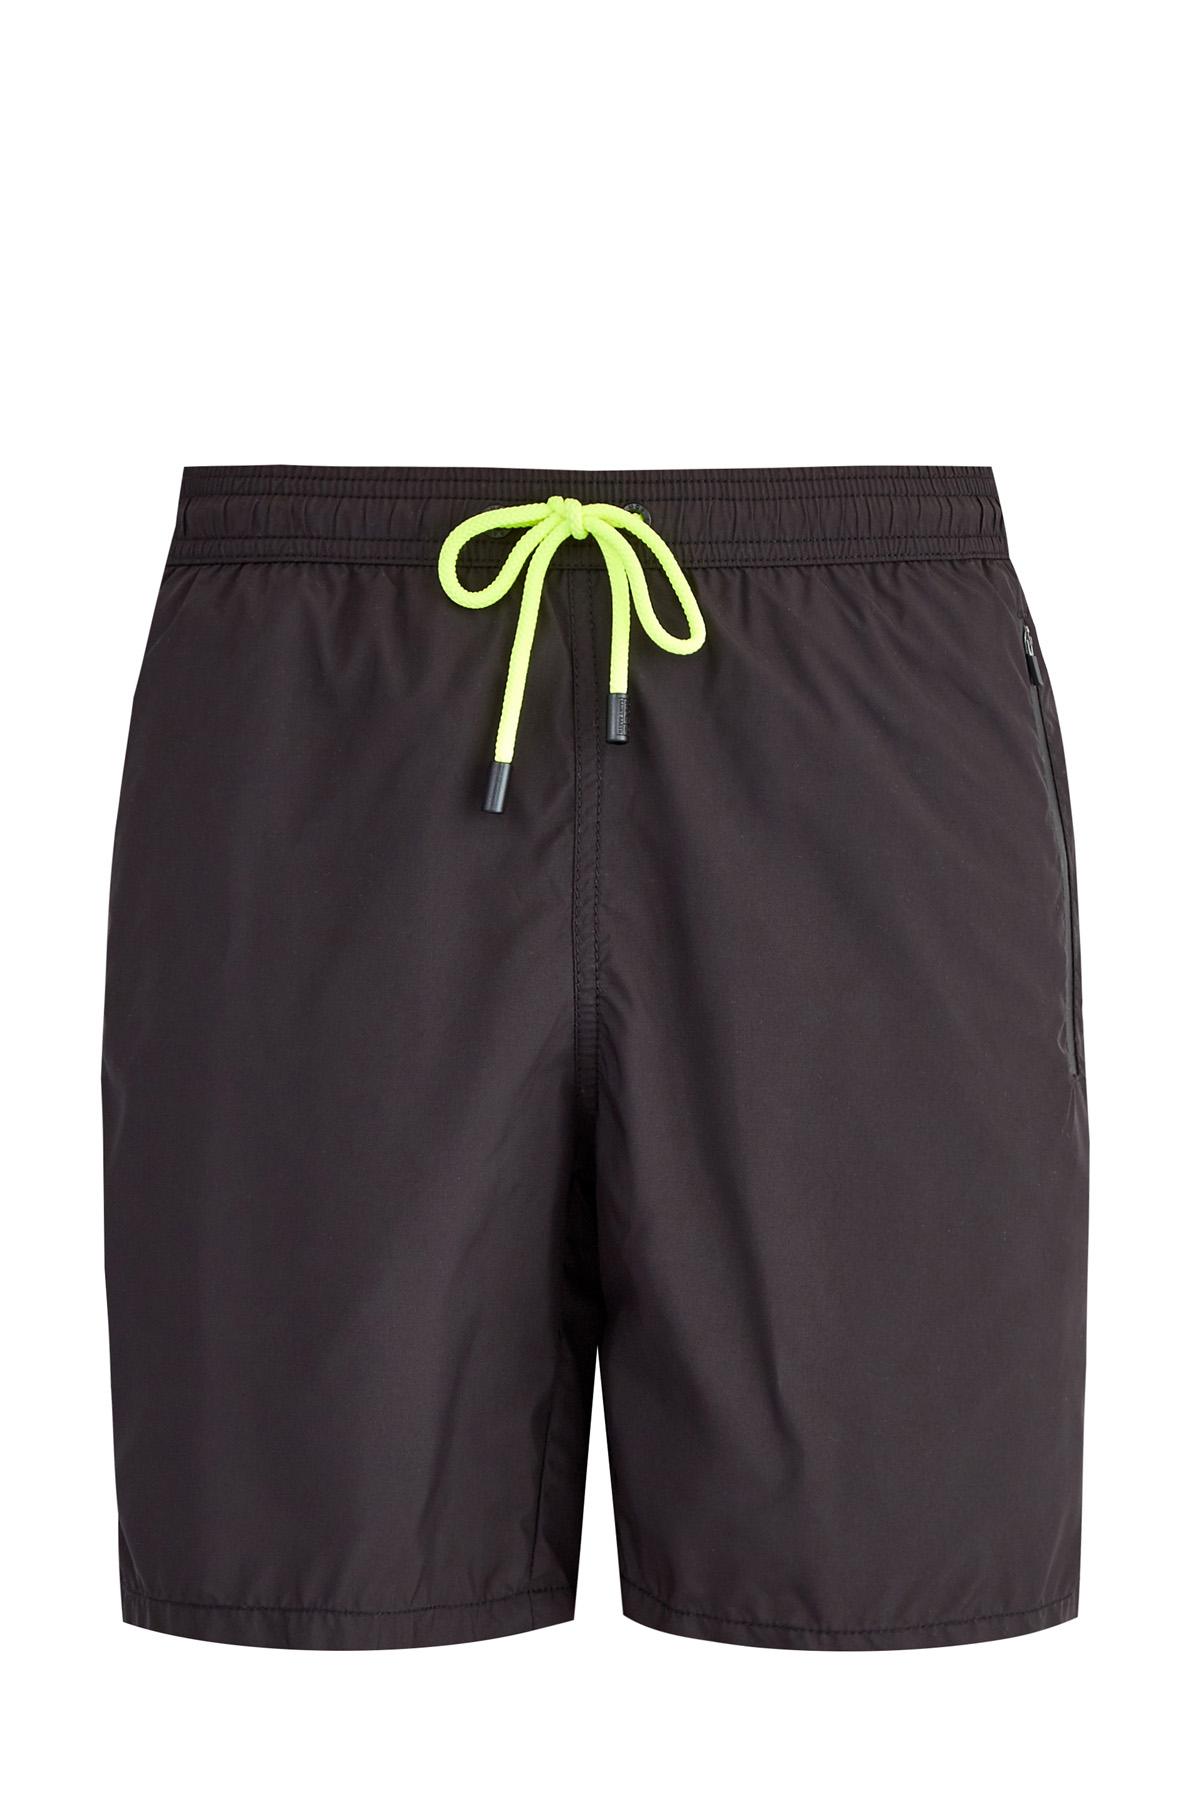 Купить Плавательные шорты из легкого нейлона с прорезиненной отделкой, MC2 SAINT BARTH, Италия, полиэстер 100%